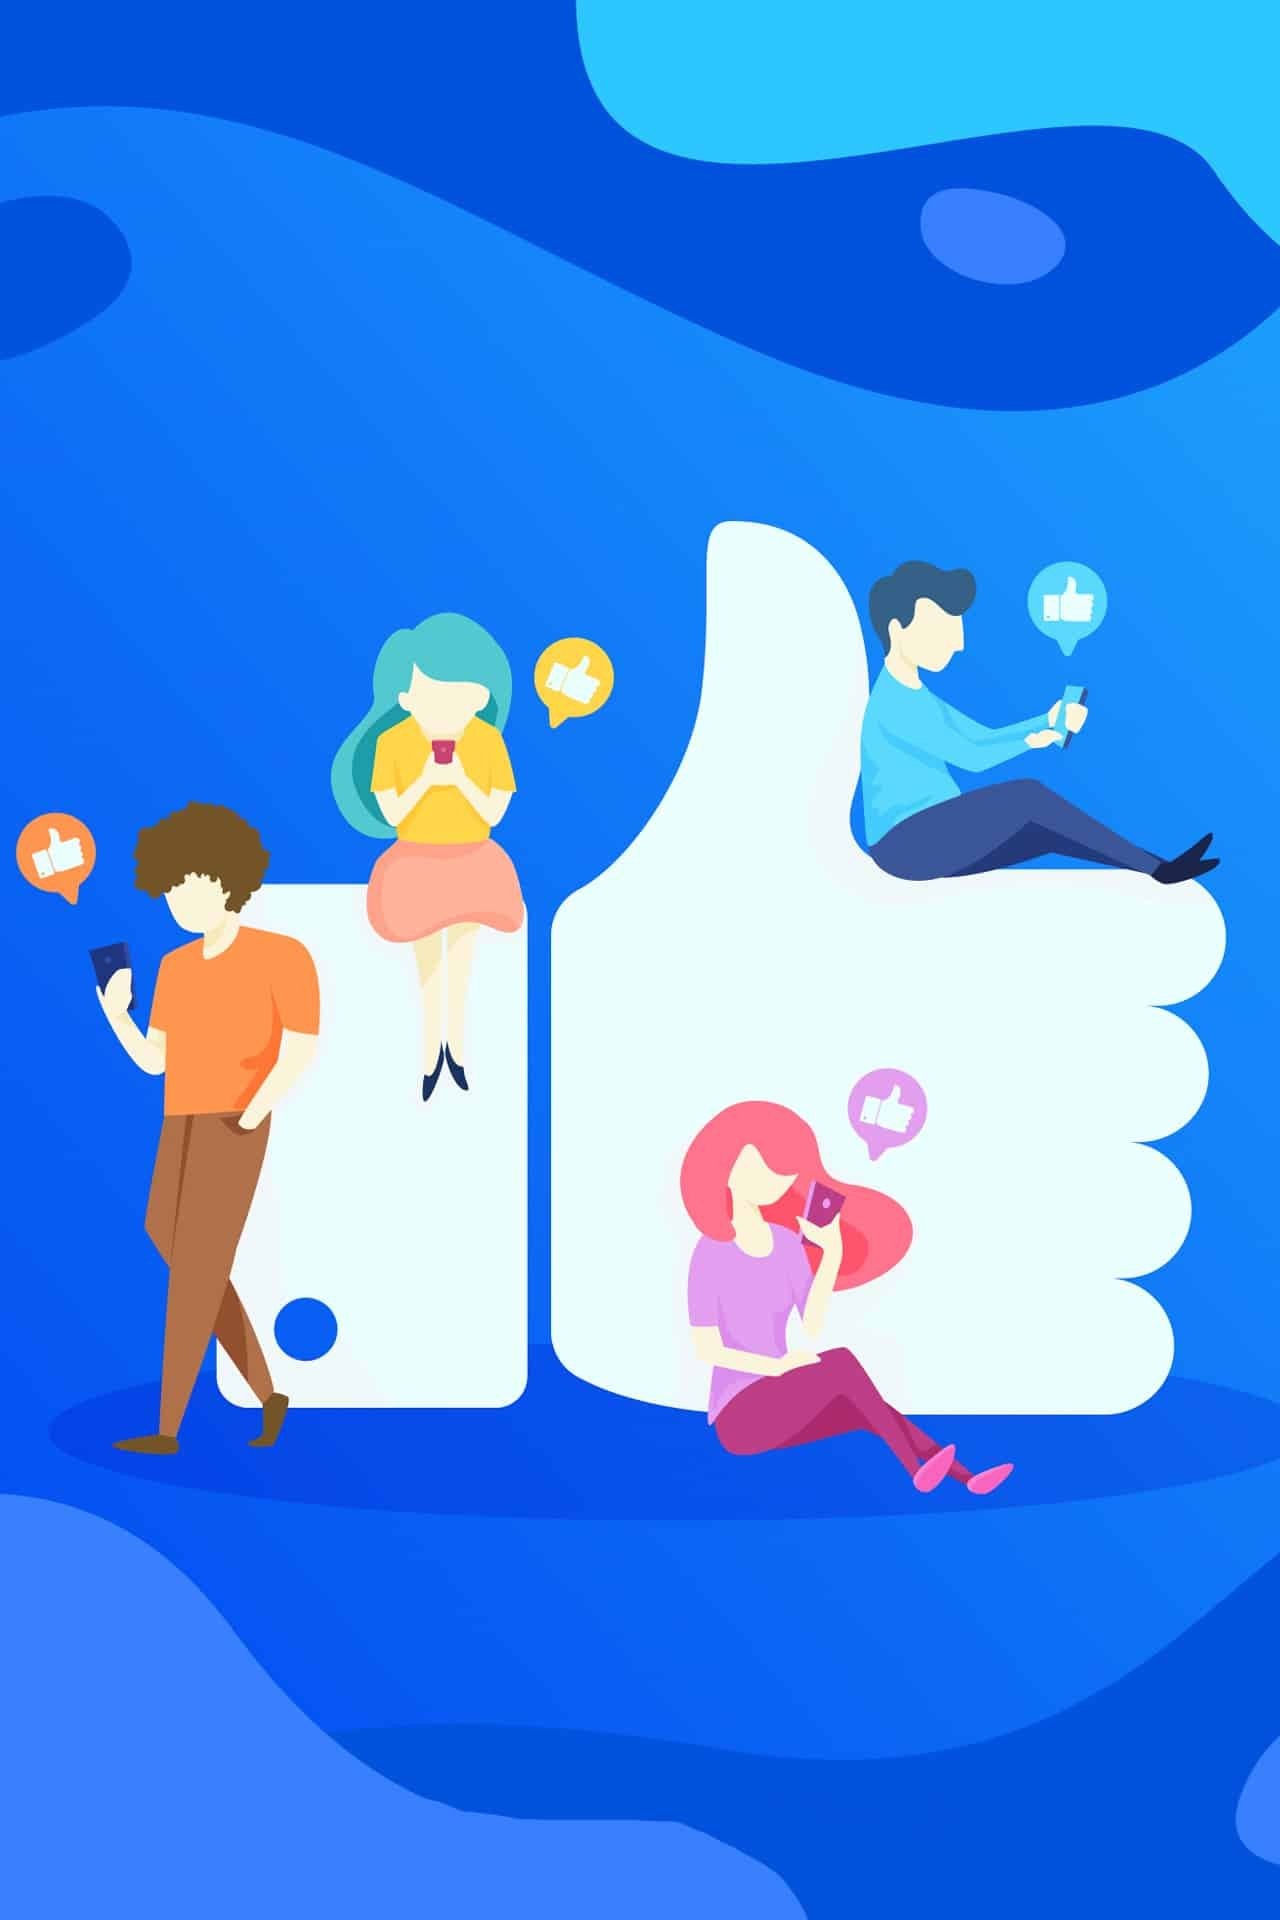 nuovo design facebook